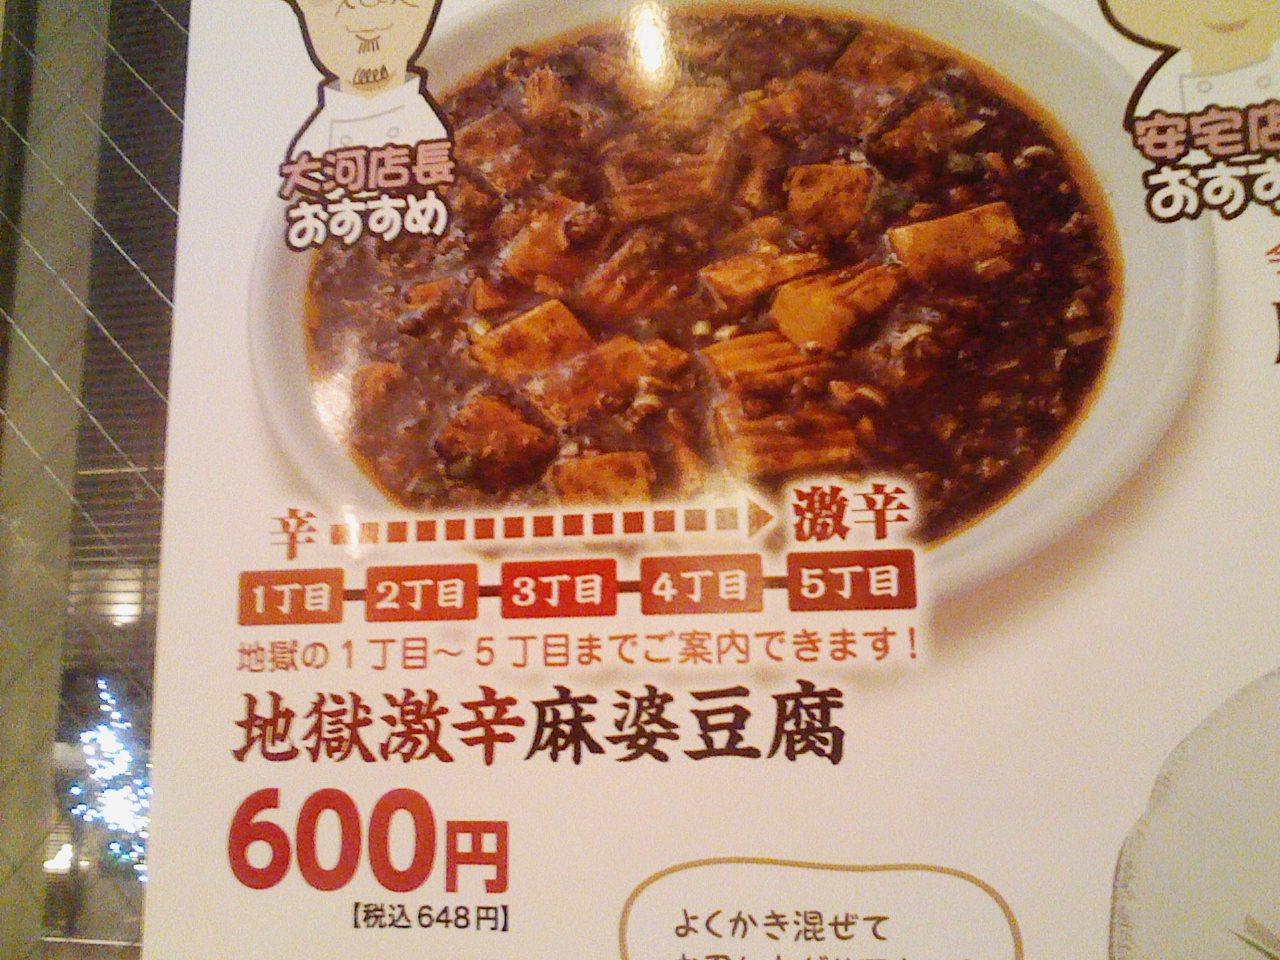 01_地獄激辛麻婆豆腐